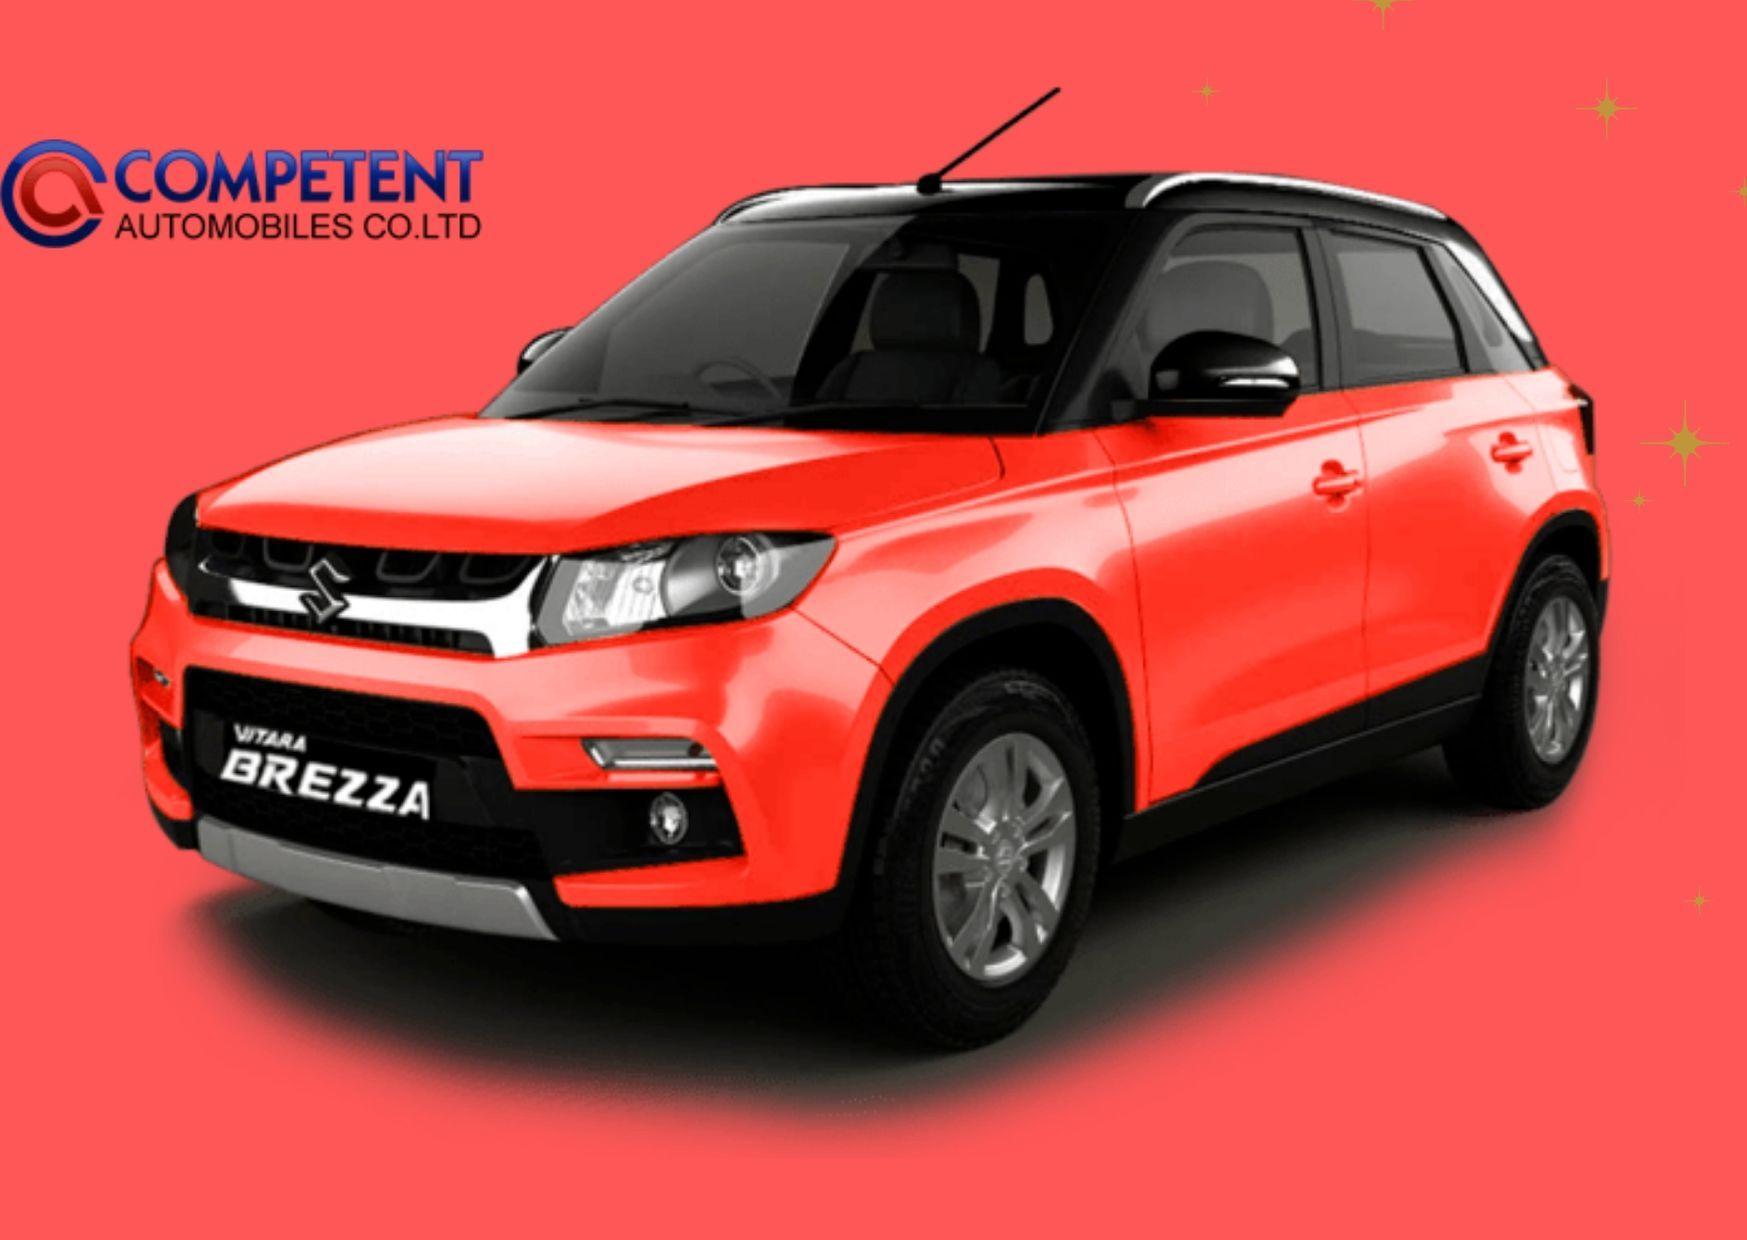 The latest Maruti Suzuki Vitara Brezza is known for